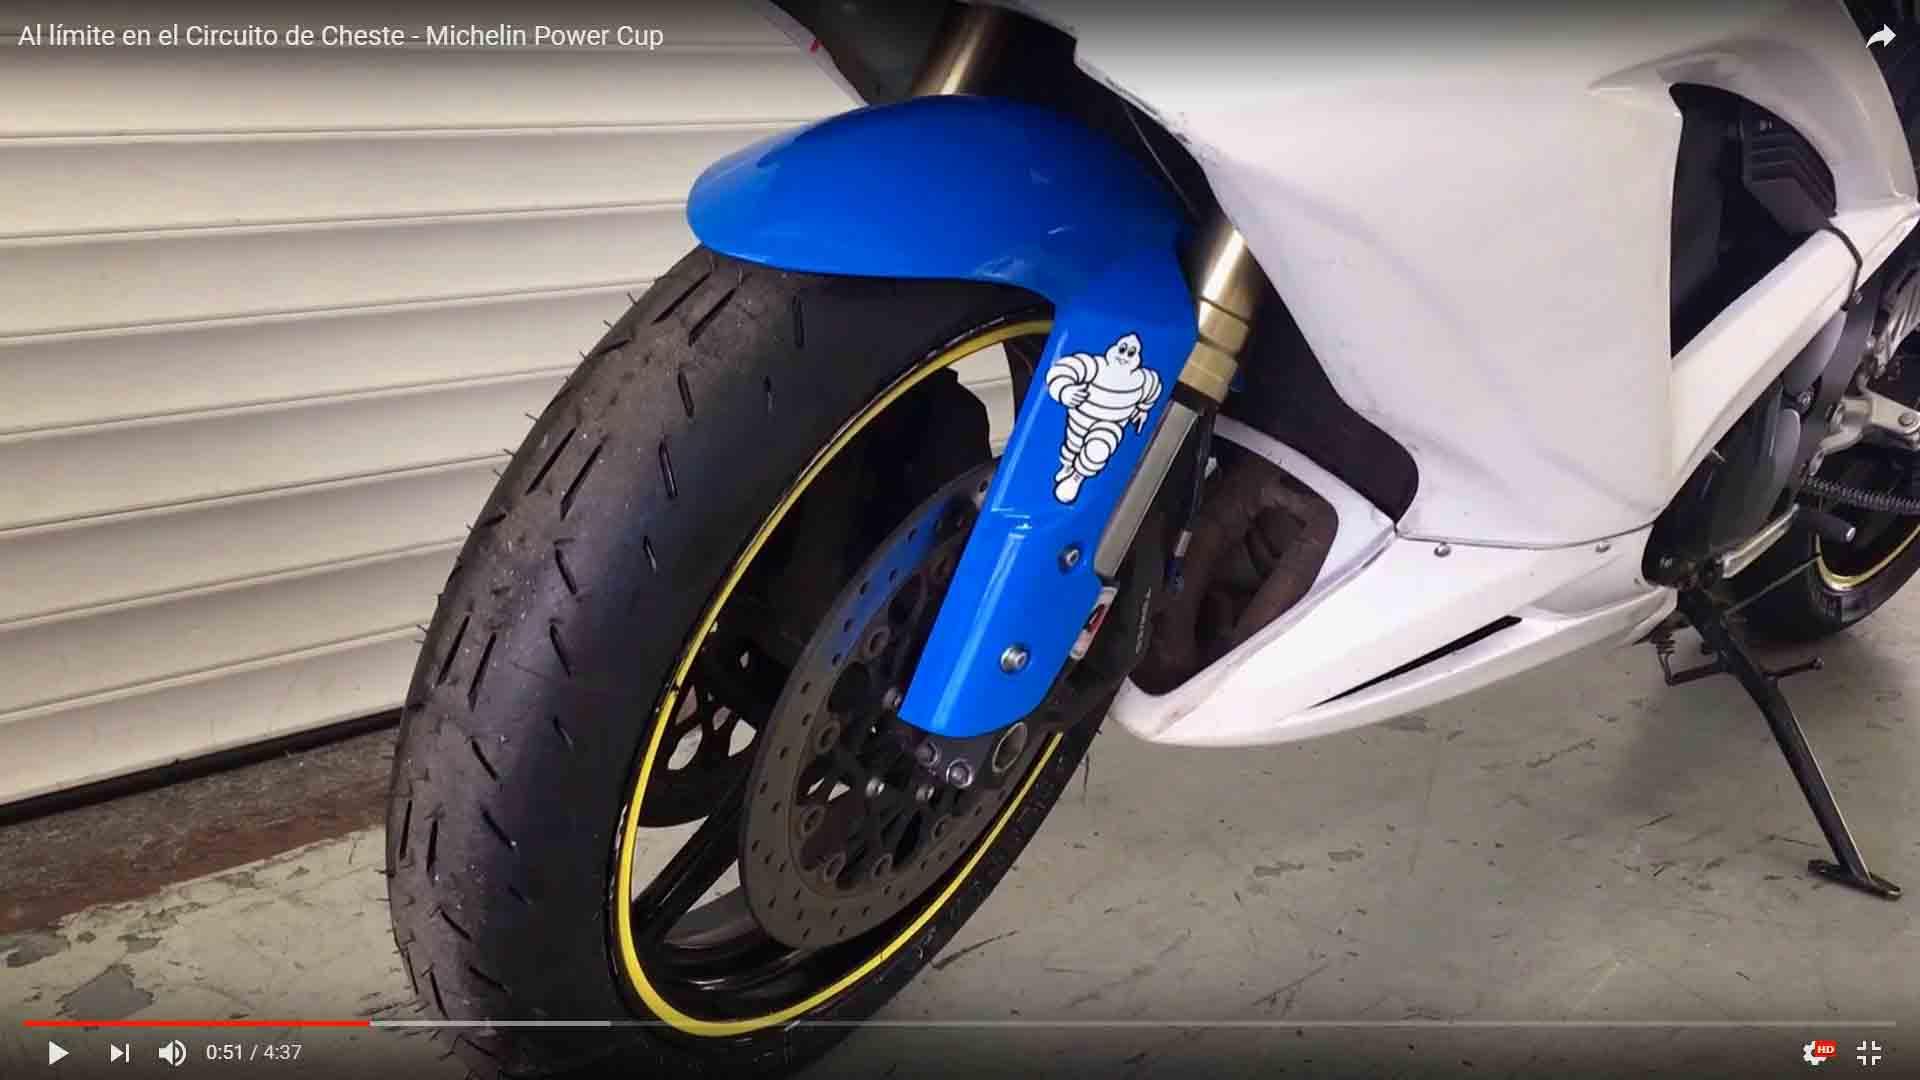 Michelin Power Cup Evo, neumáticos de circuito